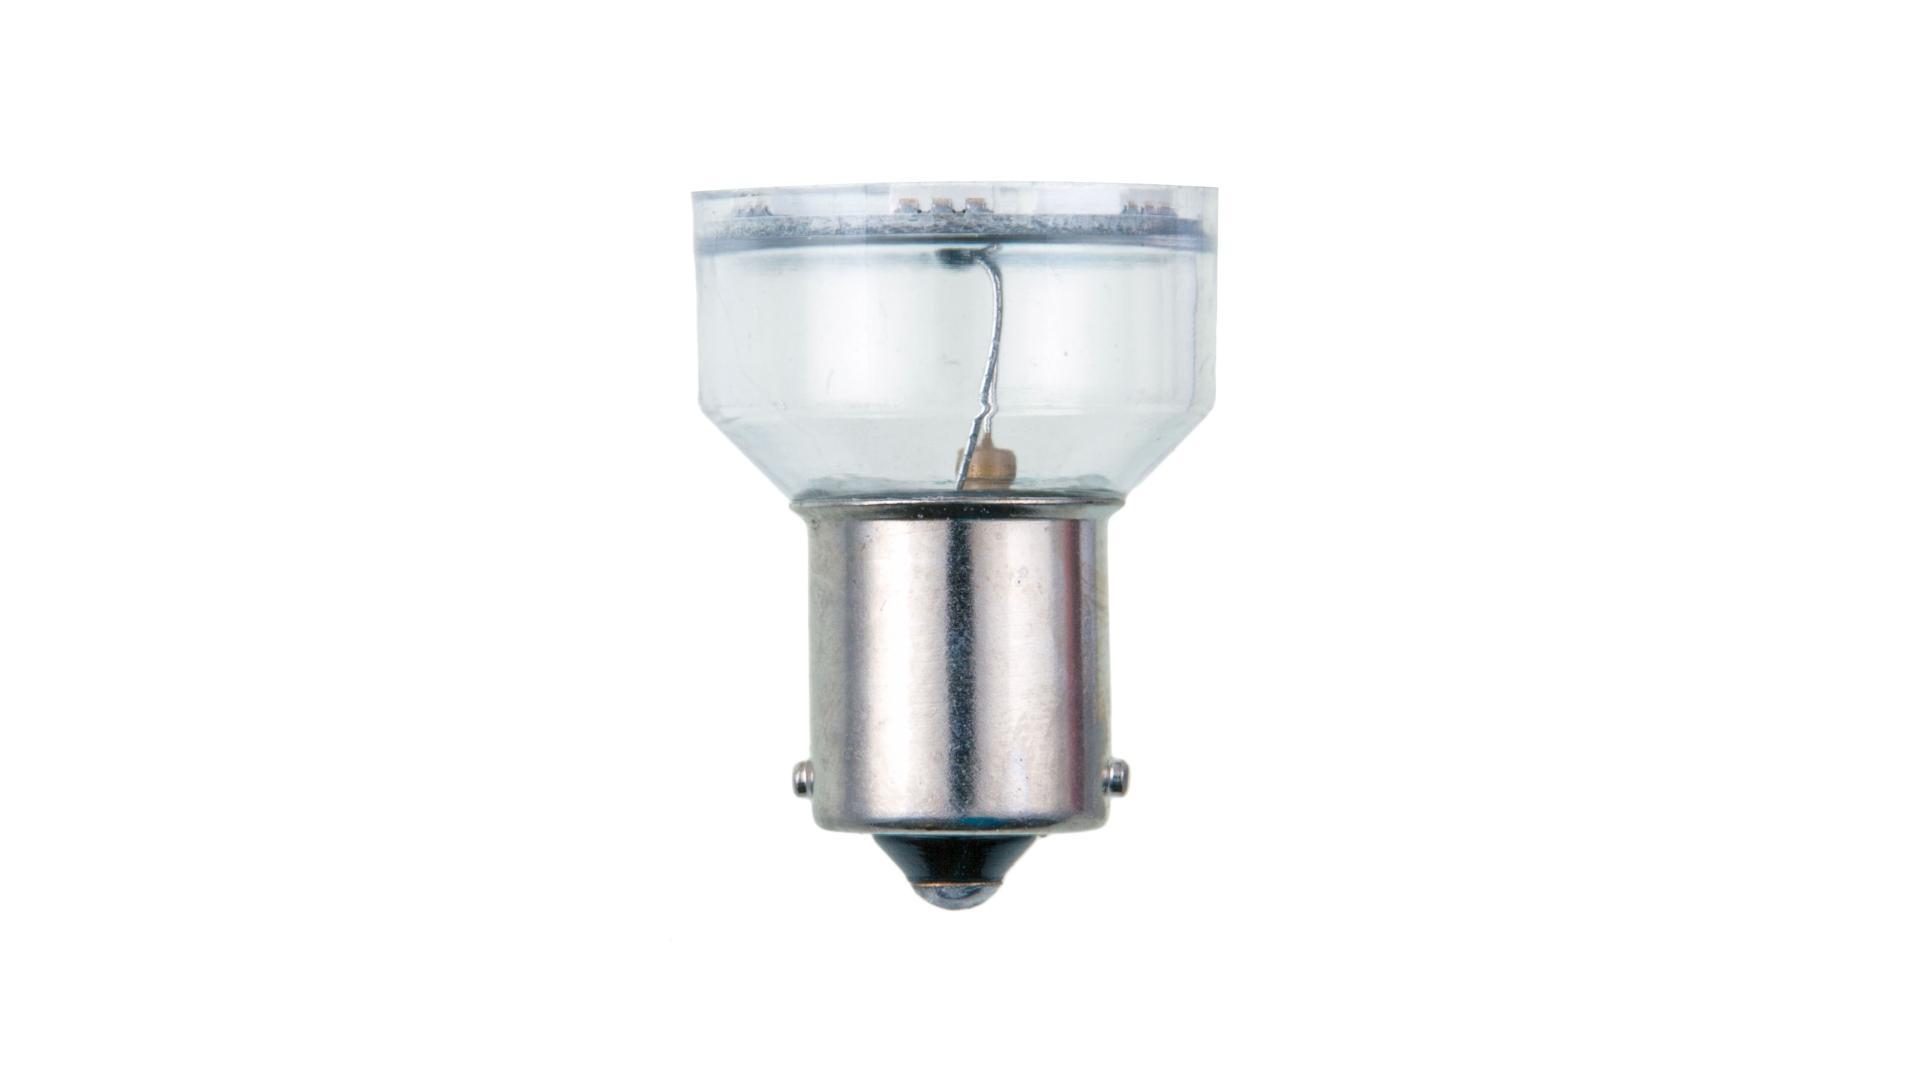 4CARS LED žárovka 6LED 12V S25-5050SMD BA15S oranžová